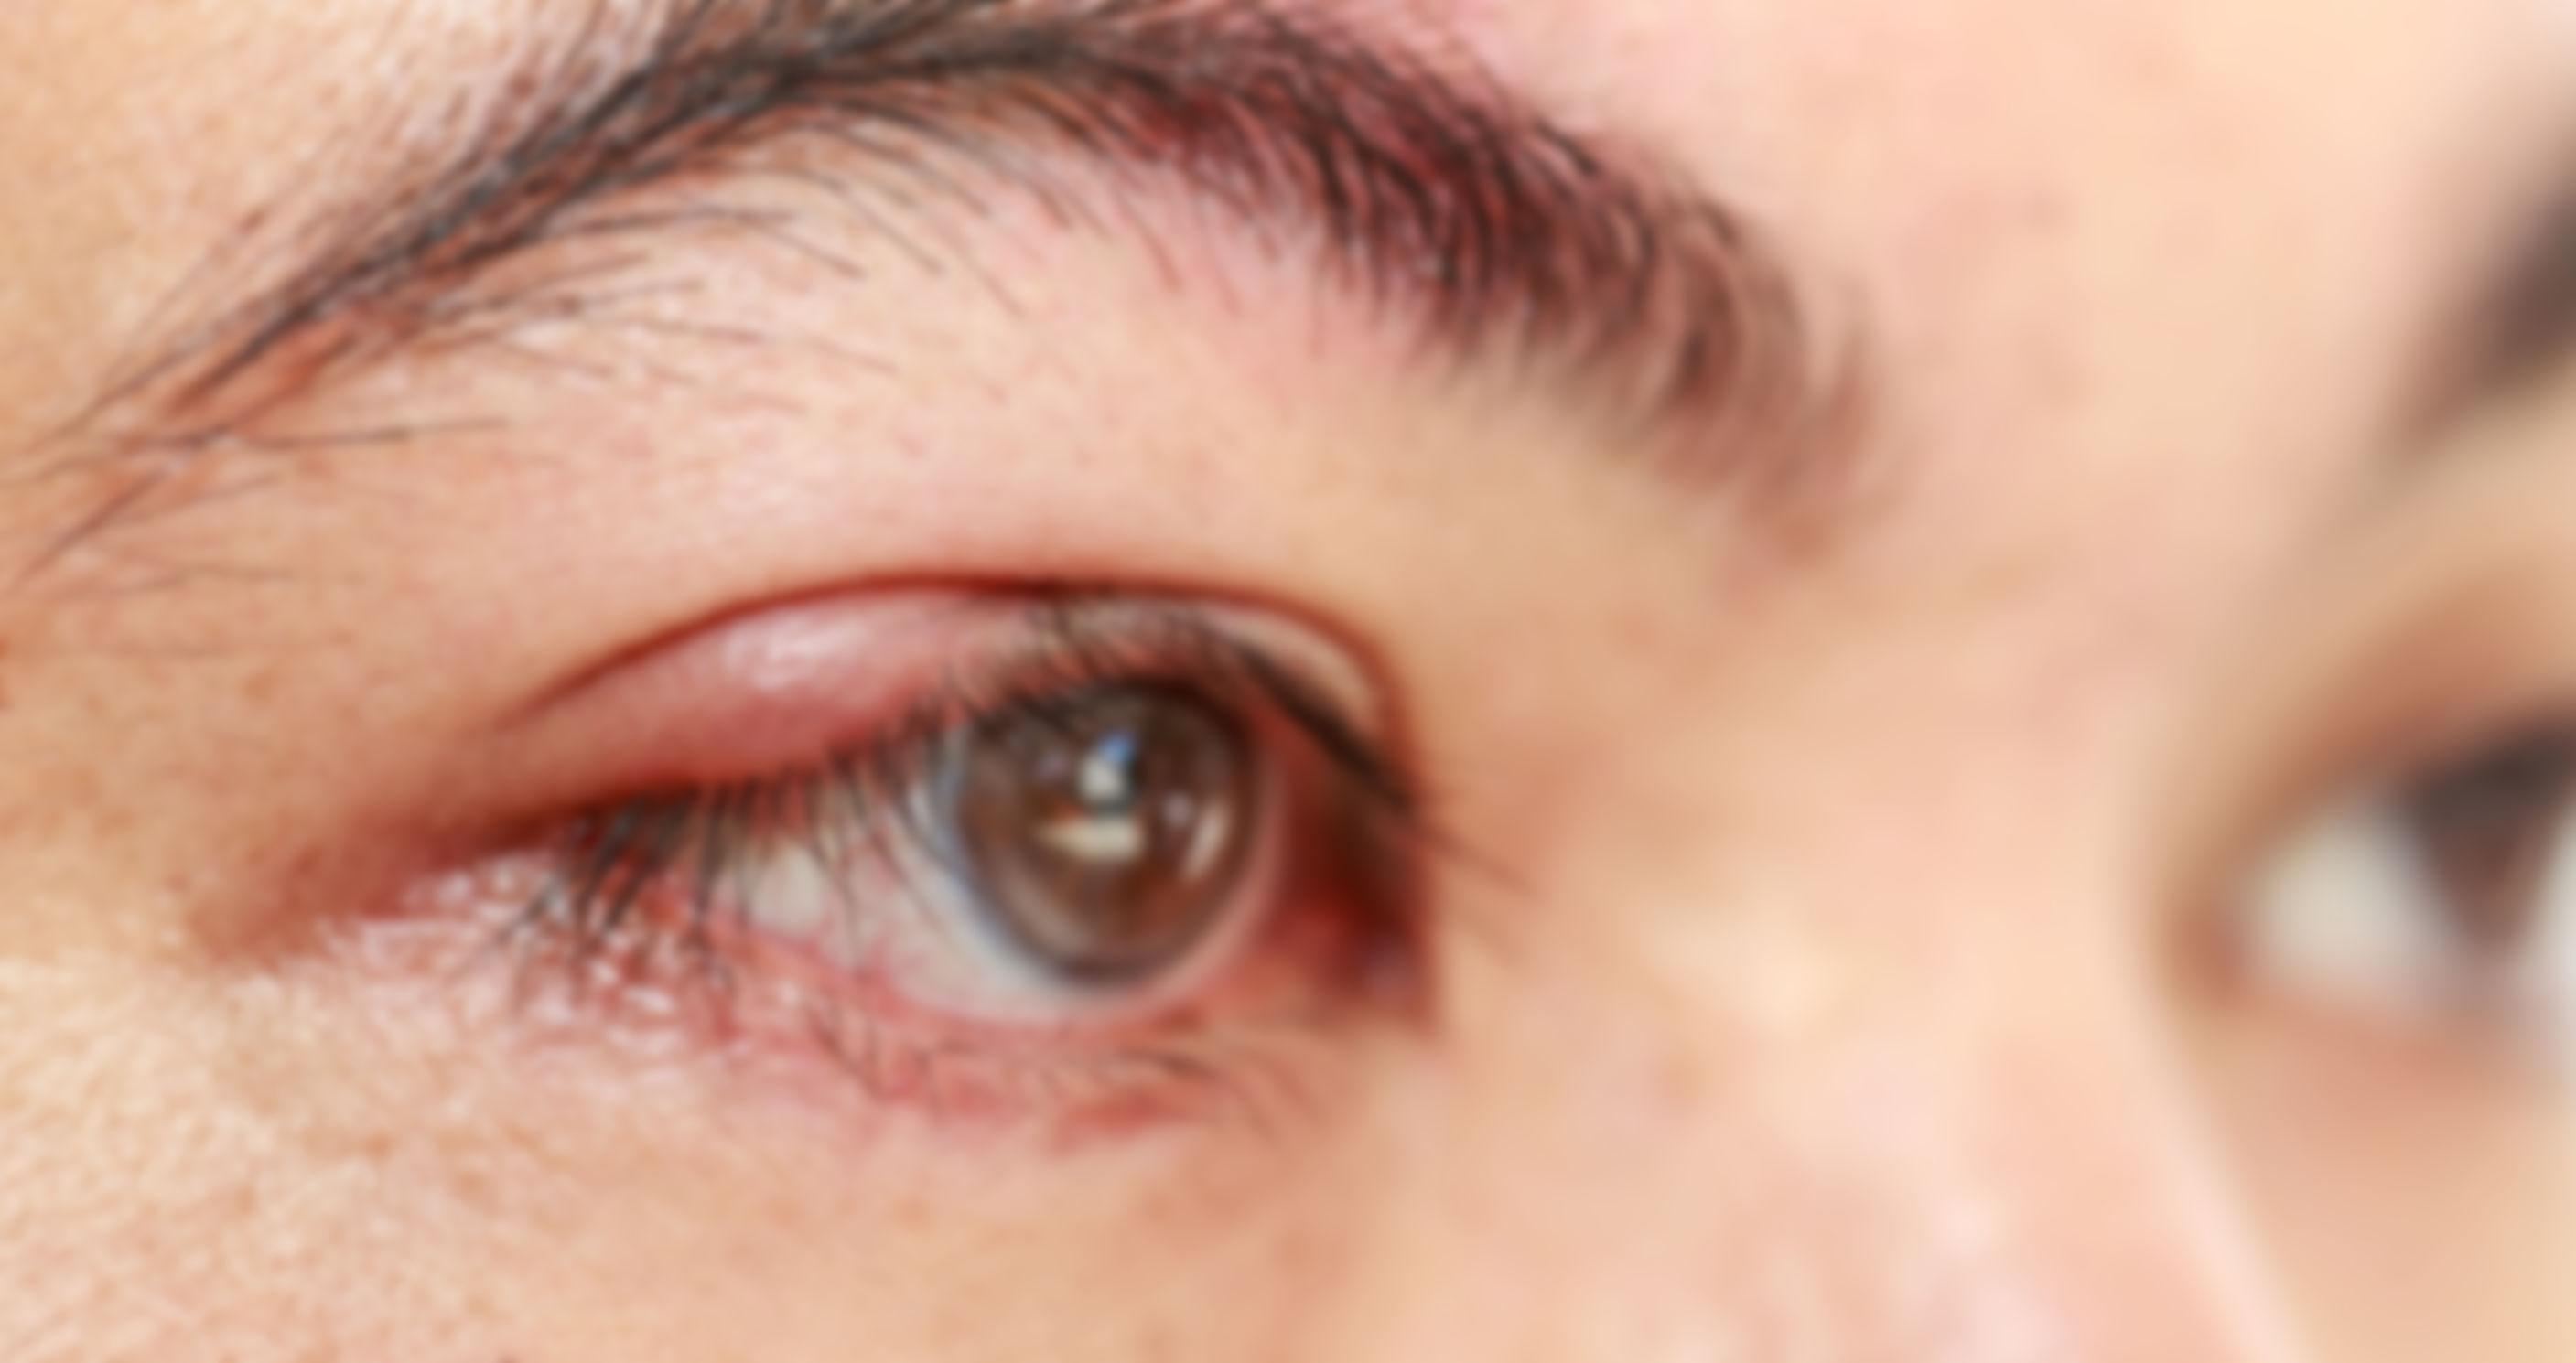 Ячмень на глазу: лечение лекарствами, причины и симптомы — как лечить ячмень на глазу (фото)